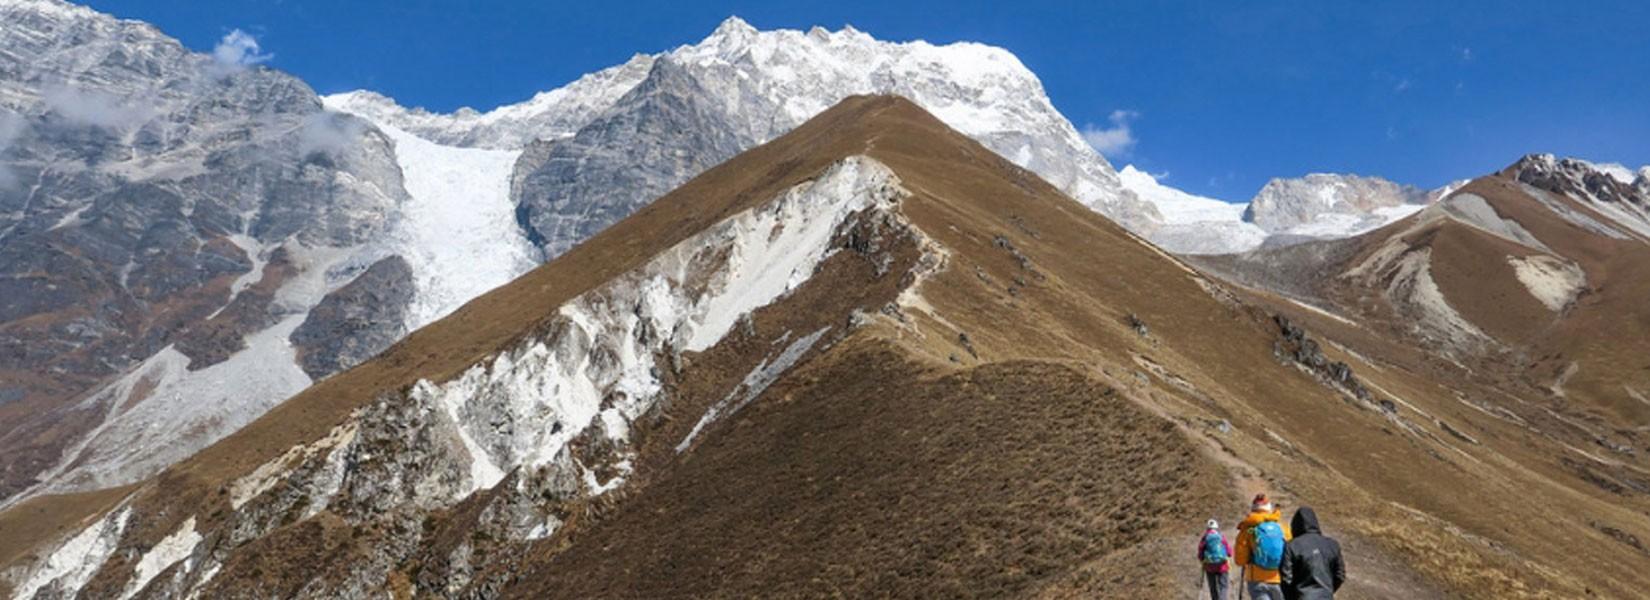 Gosainkunda Langtang Himal Trekking